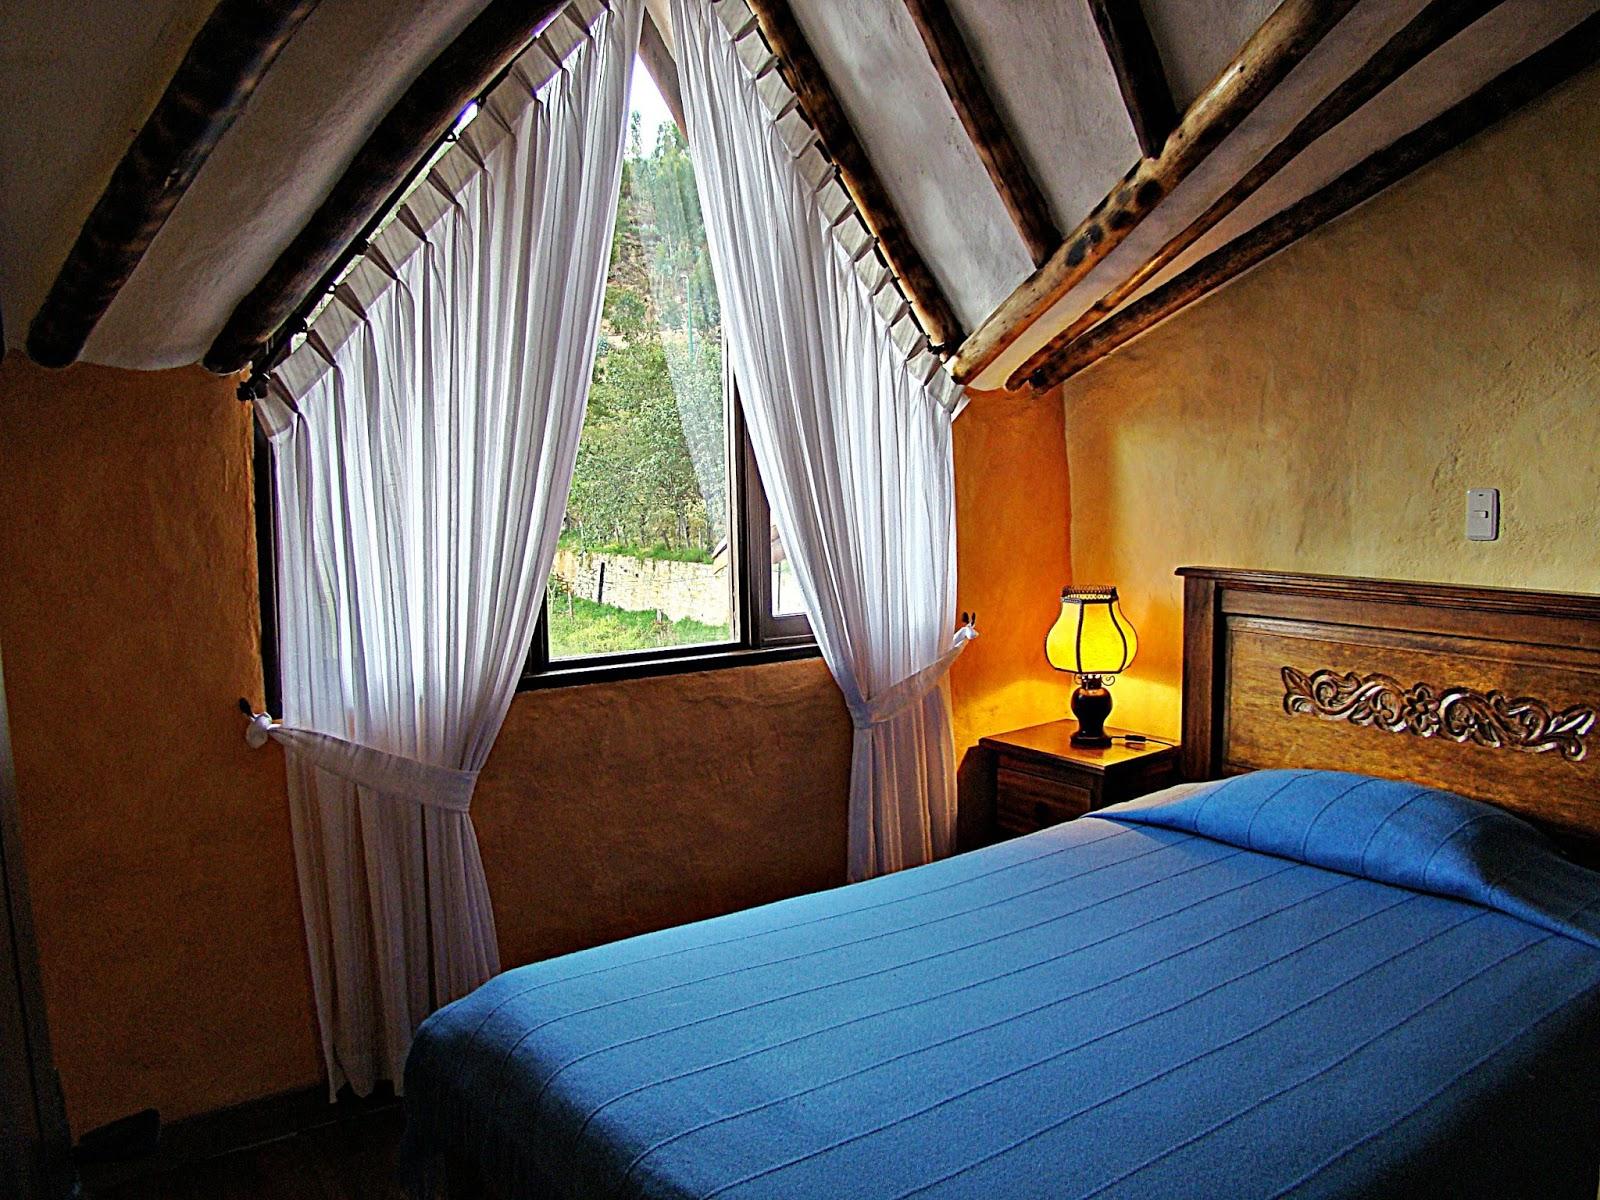 Hoteles Pueblito Boyacense Duitama # Muebles Rusticos Duitama Boyaca